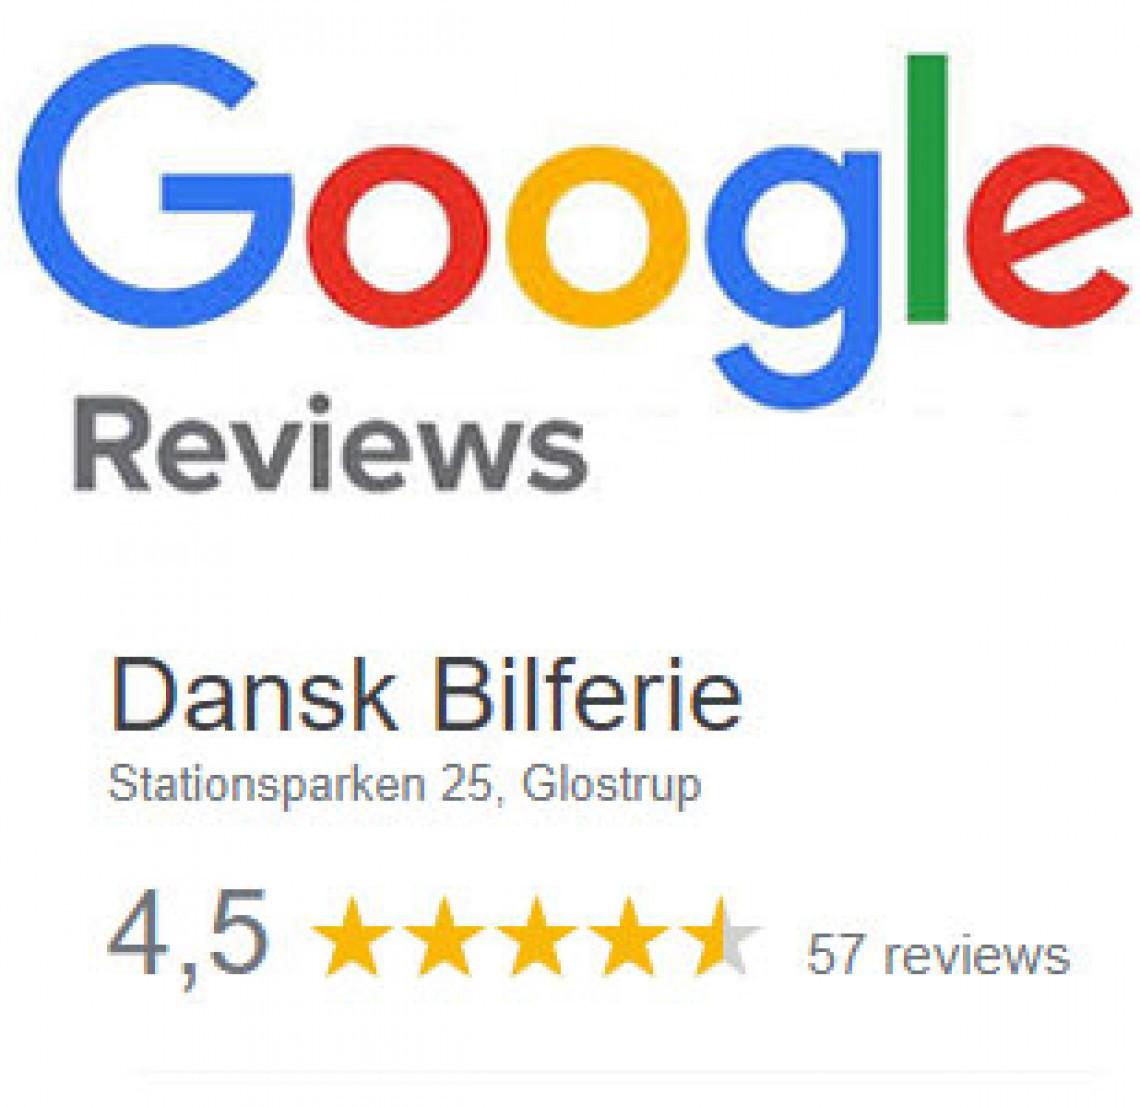 Feriebolig - Google anmeldelser / reviews - Dansk Bilferie